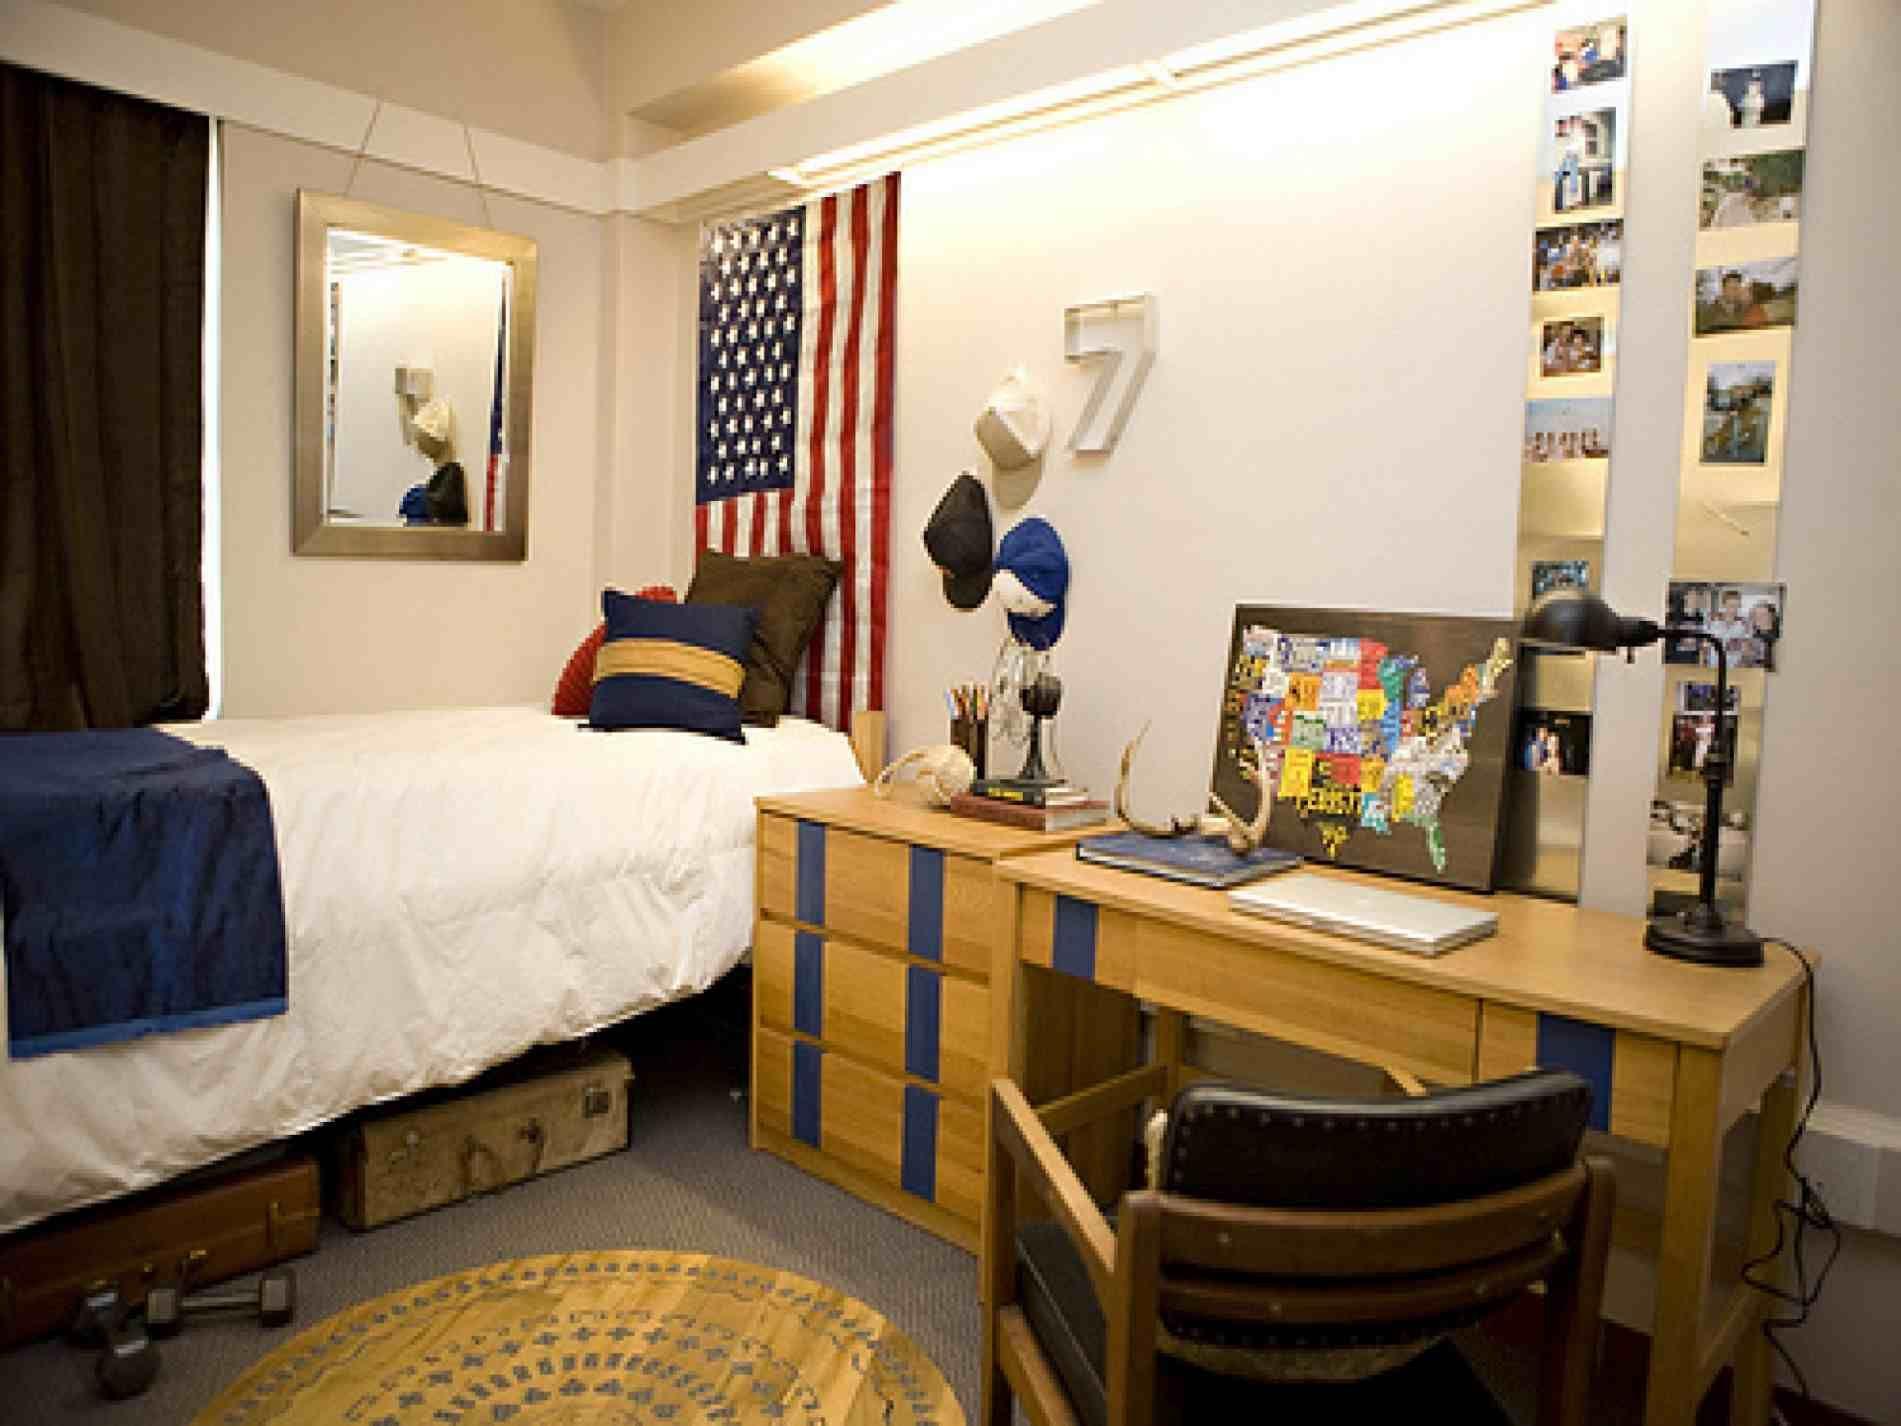 Affordable Guys Furniture C Dorm Furniture College Dorm Decorating Ideas Dorm Furniture College Dorm Decorating Ideas Guys Ideas College Dorm Mes College Dorms Ideas bedroom Ideas For College Dorms